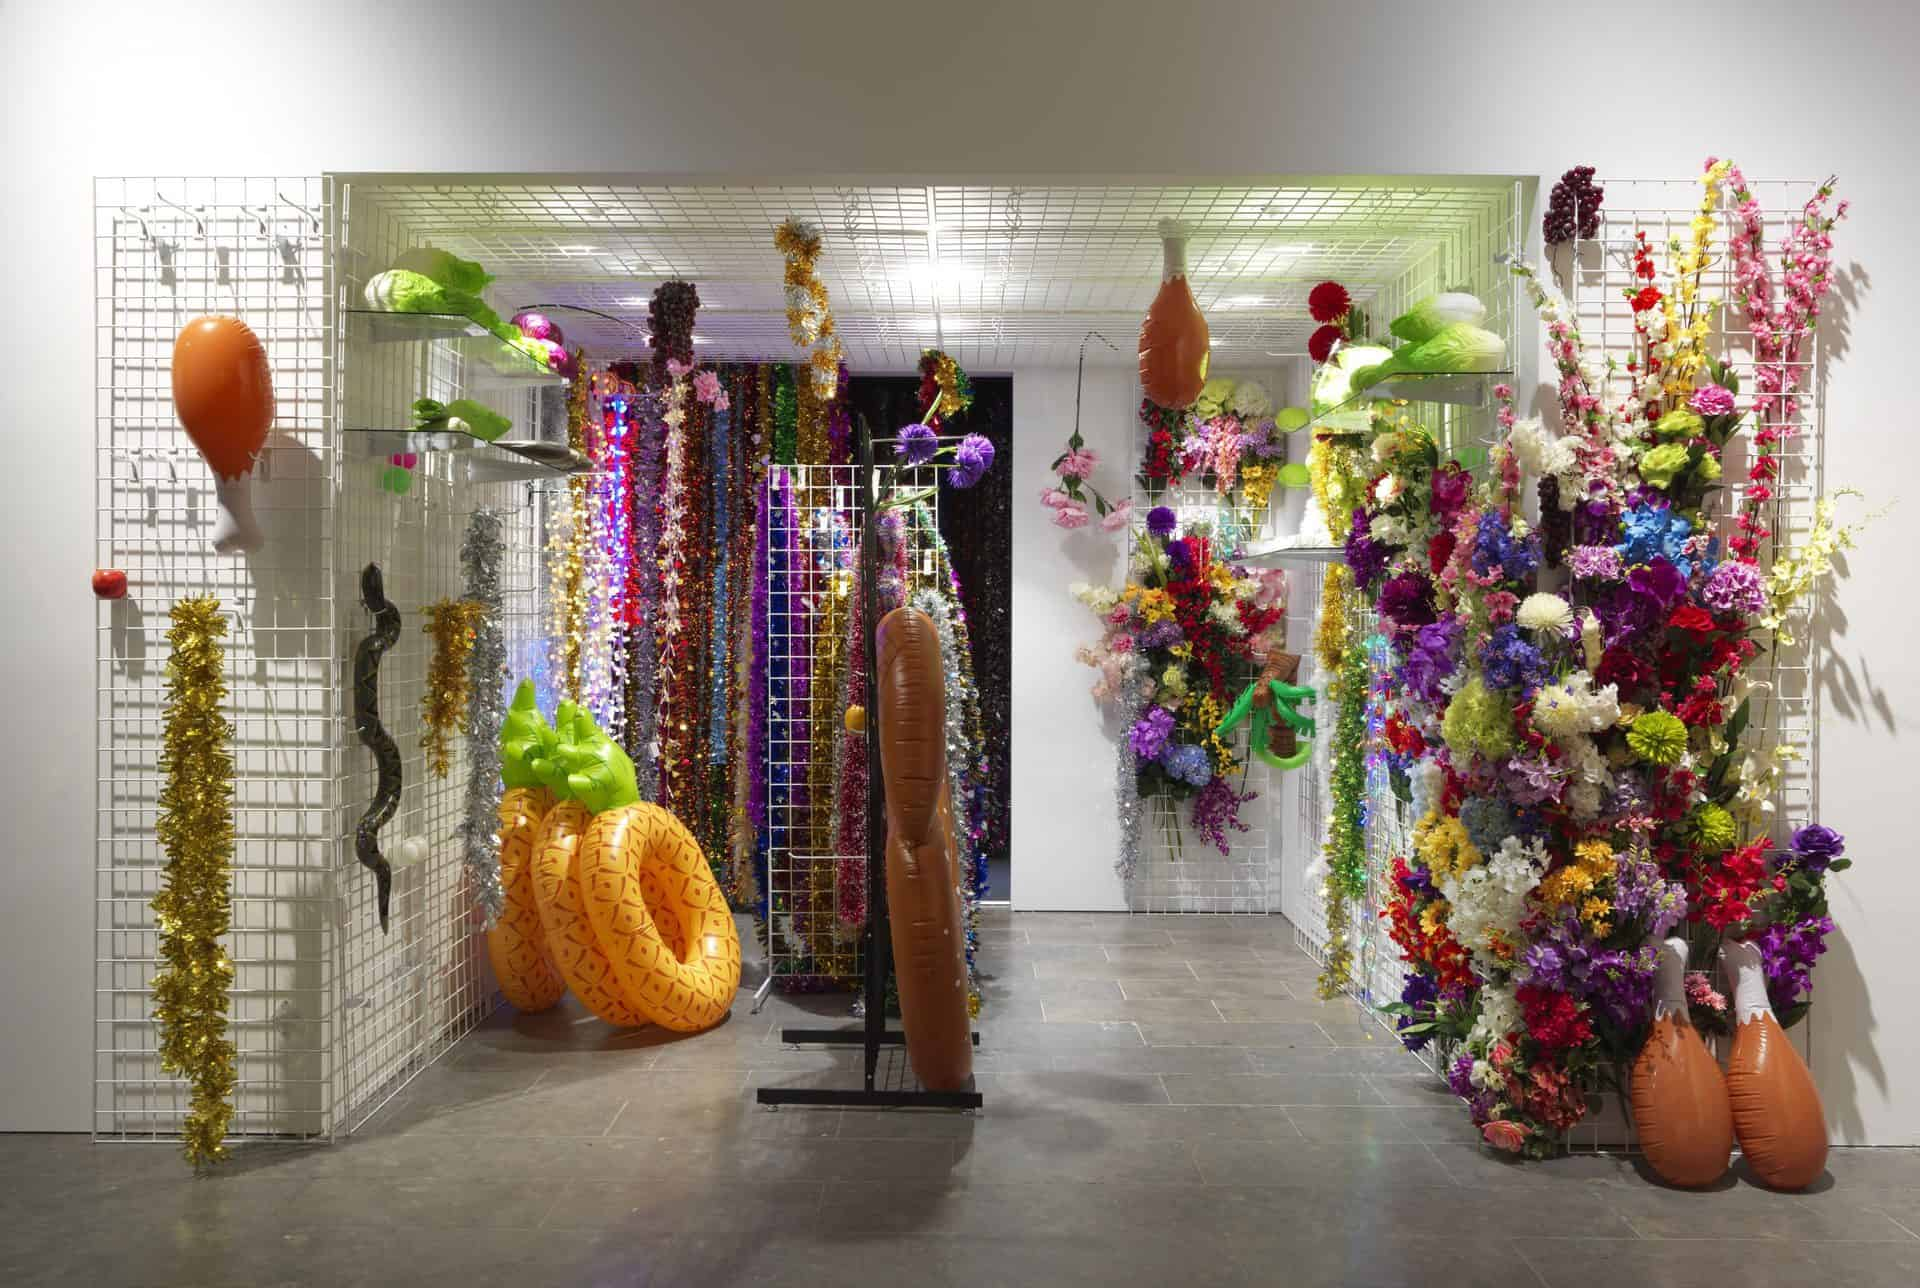 Mika Rottenberg: Endnu en interessant, kvindelig kunstner på Louisiana.